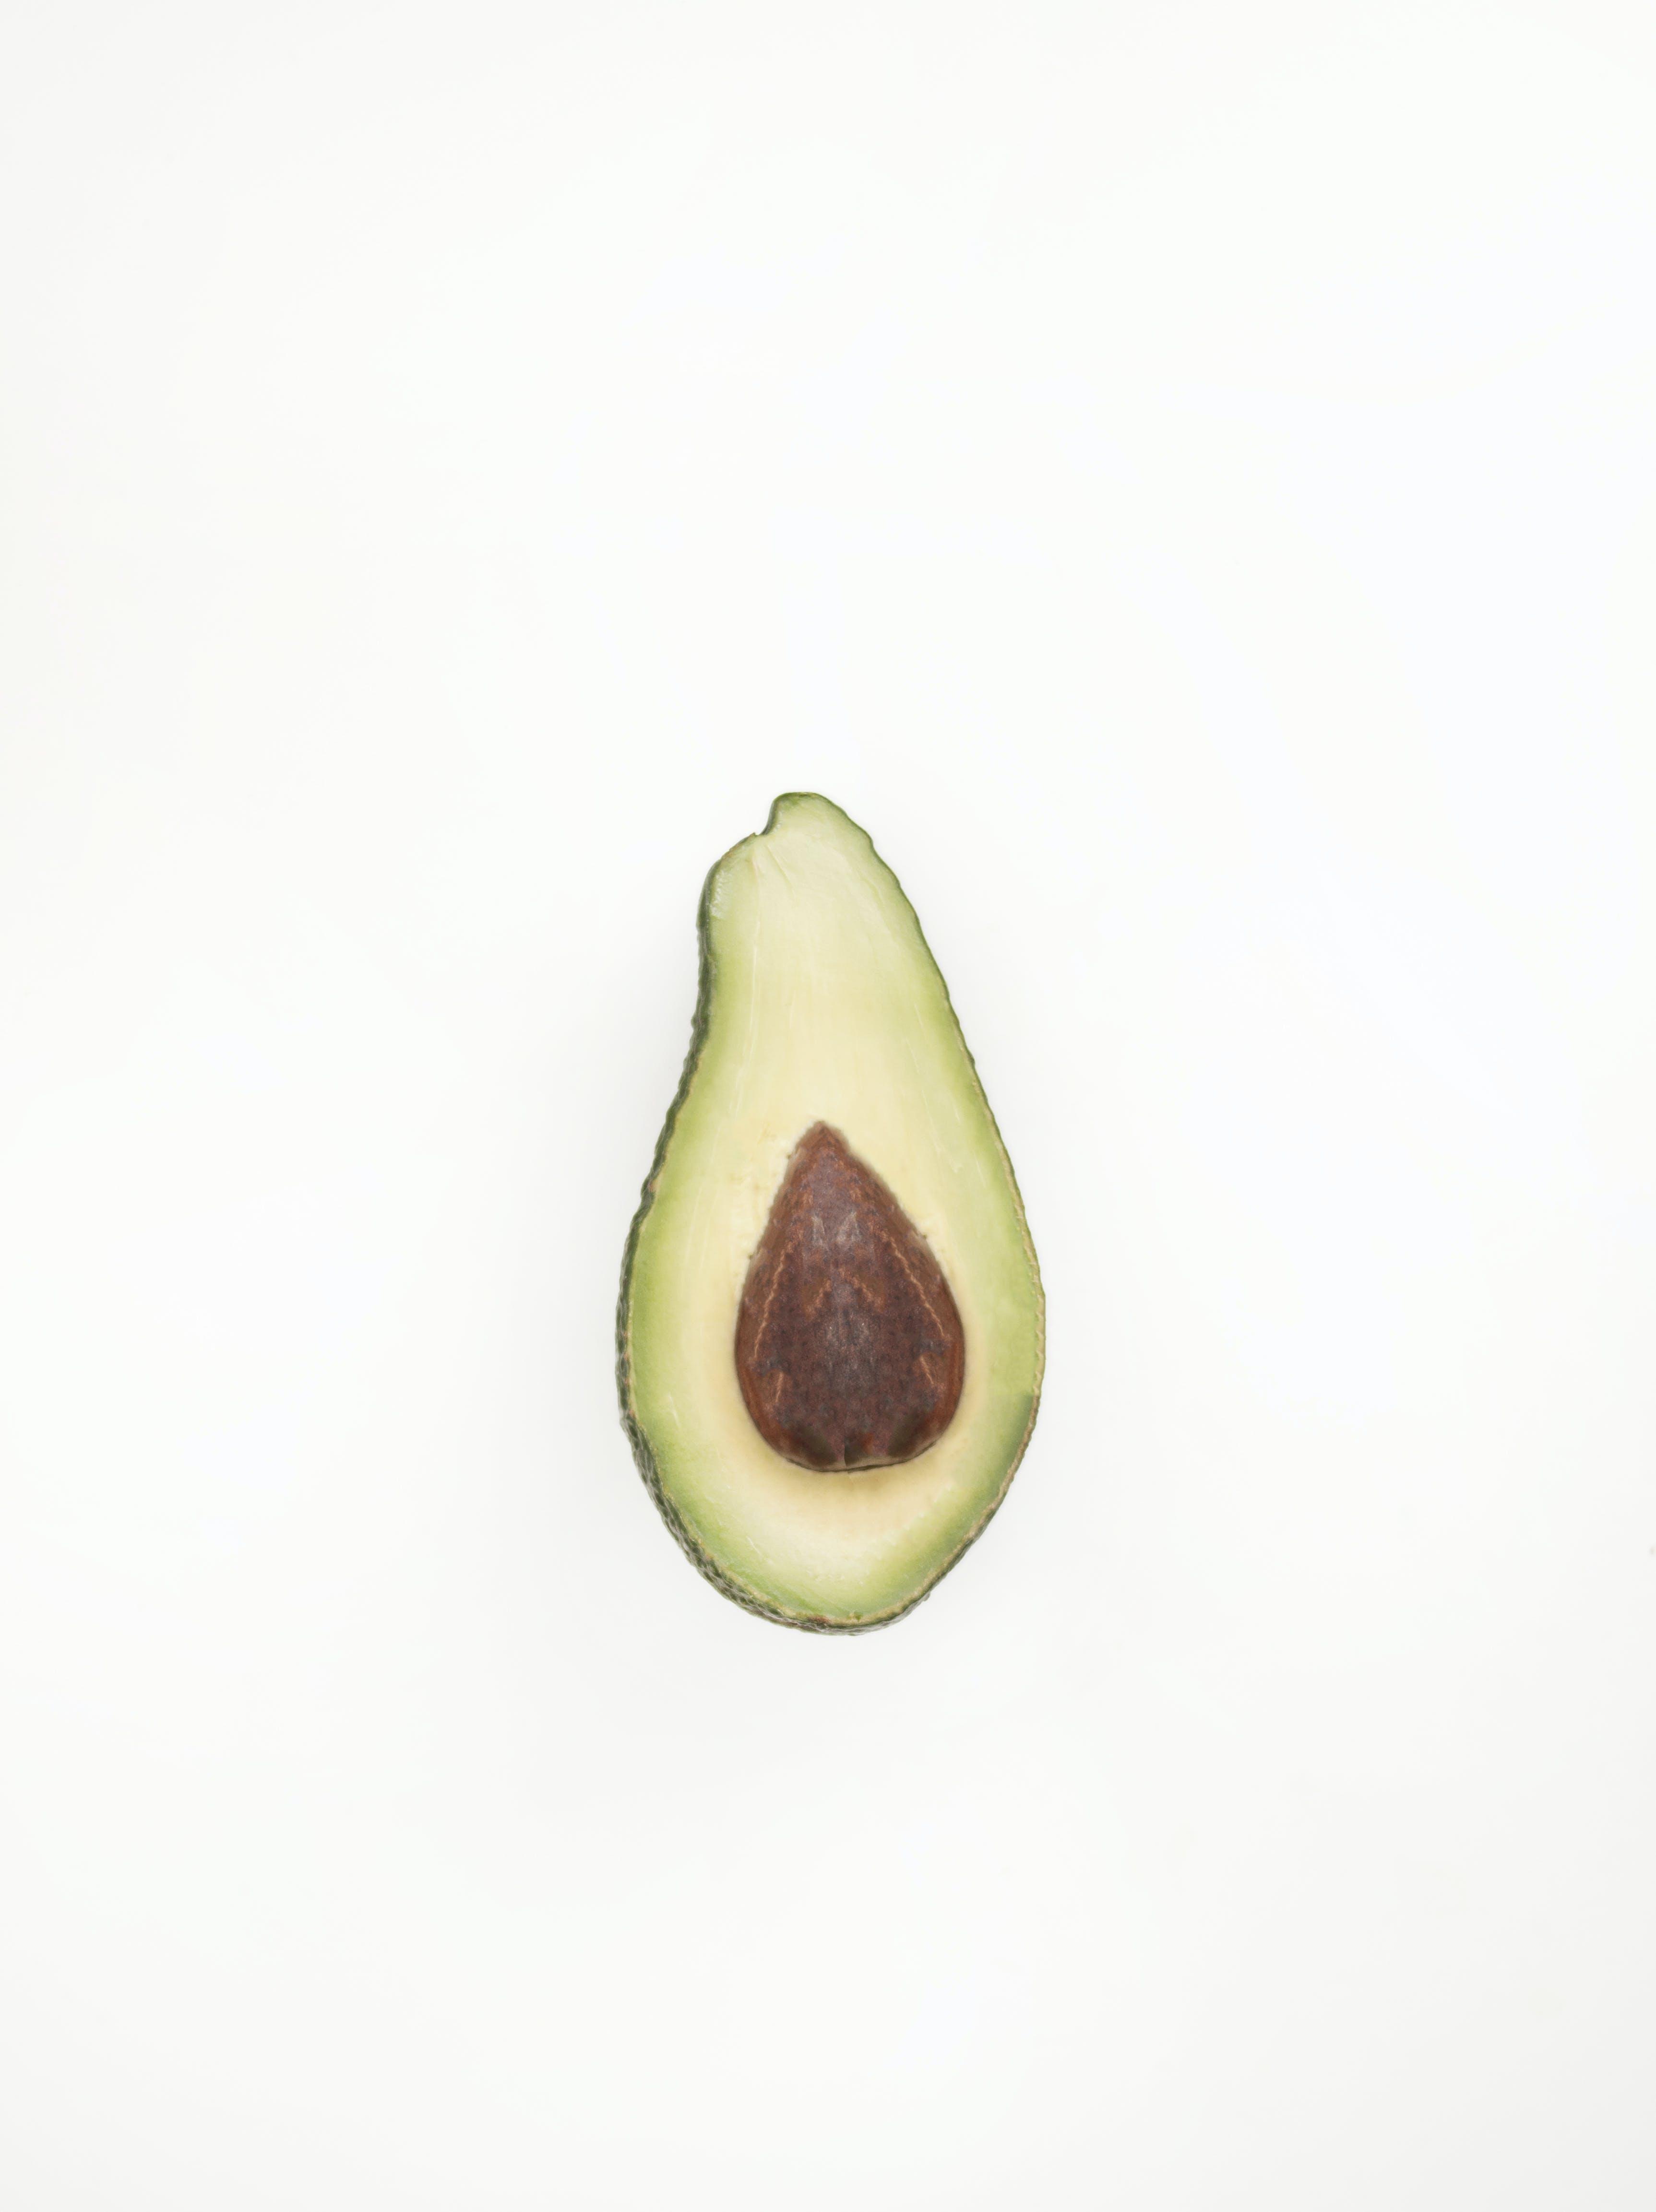 de abacate, close, delicioso, fruta